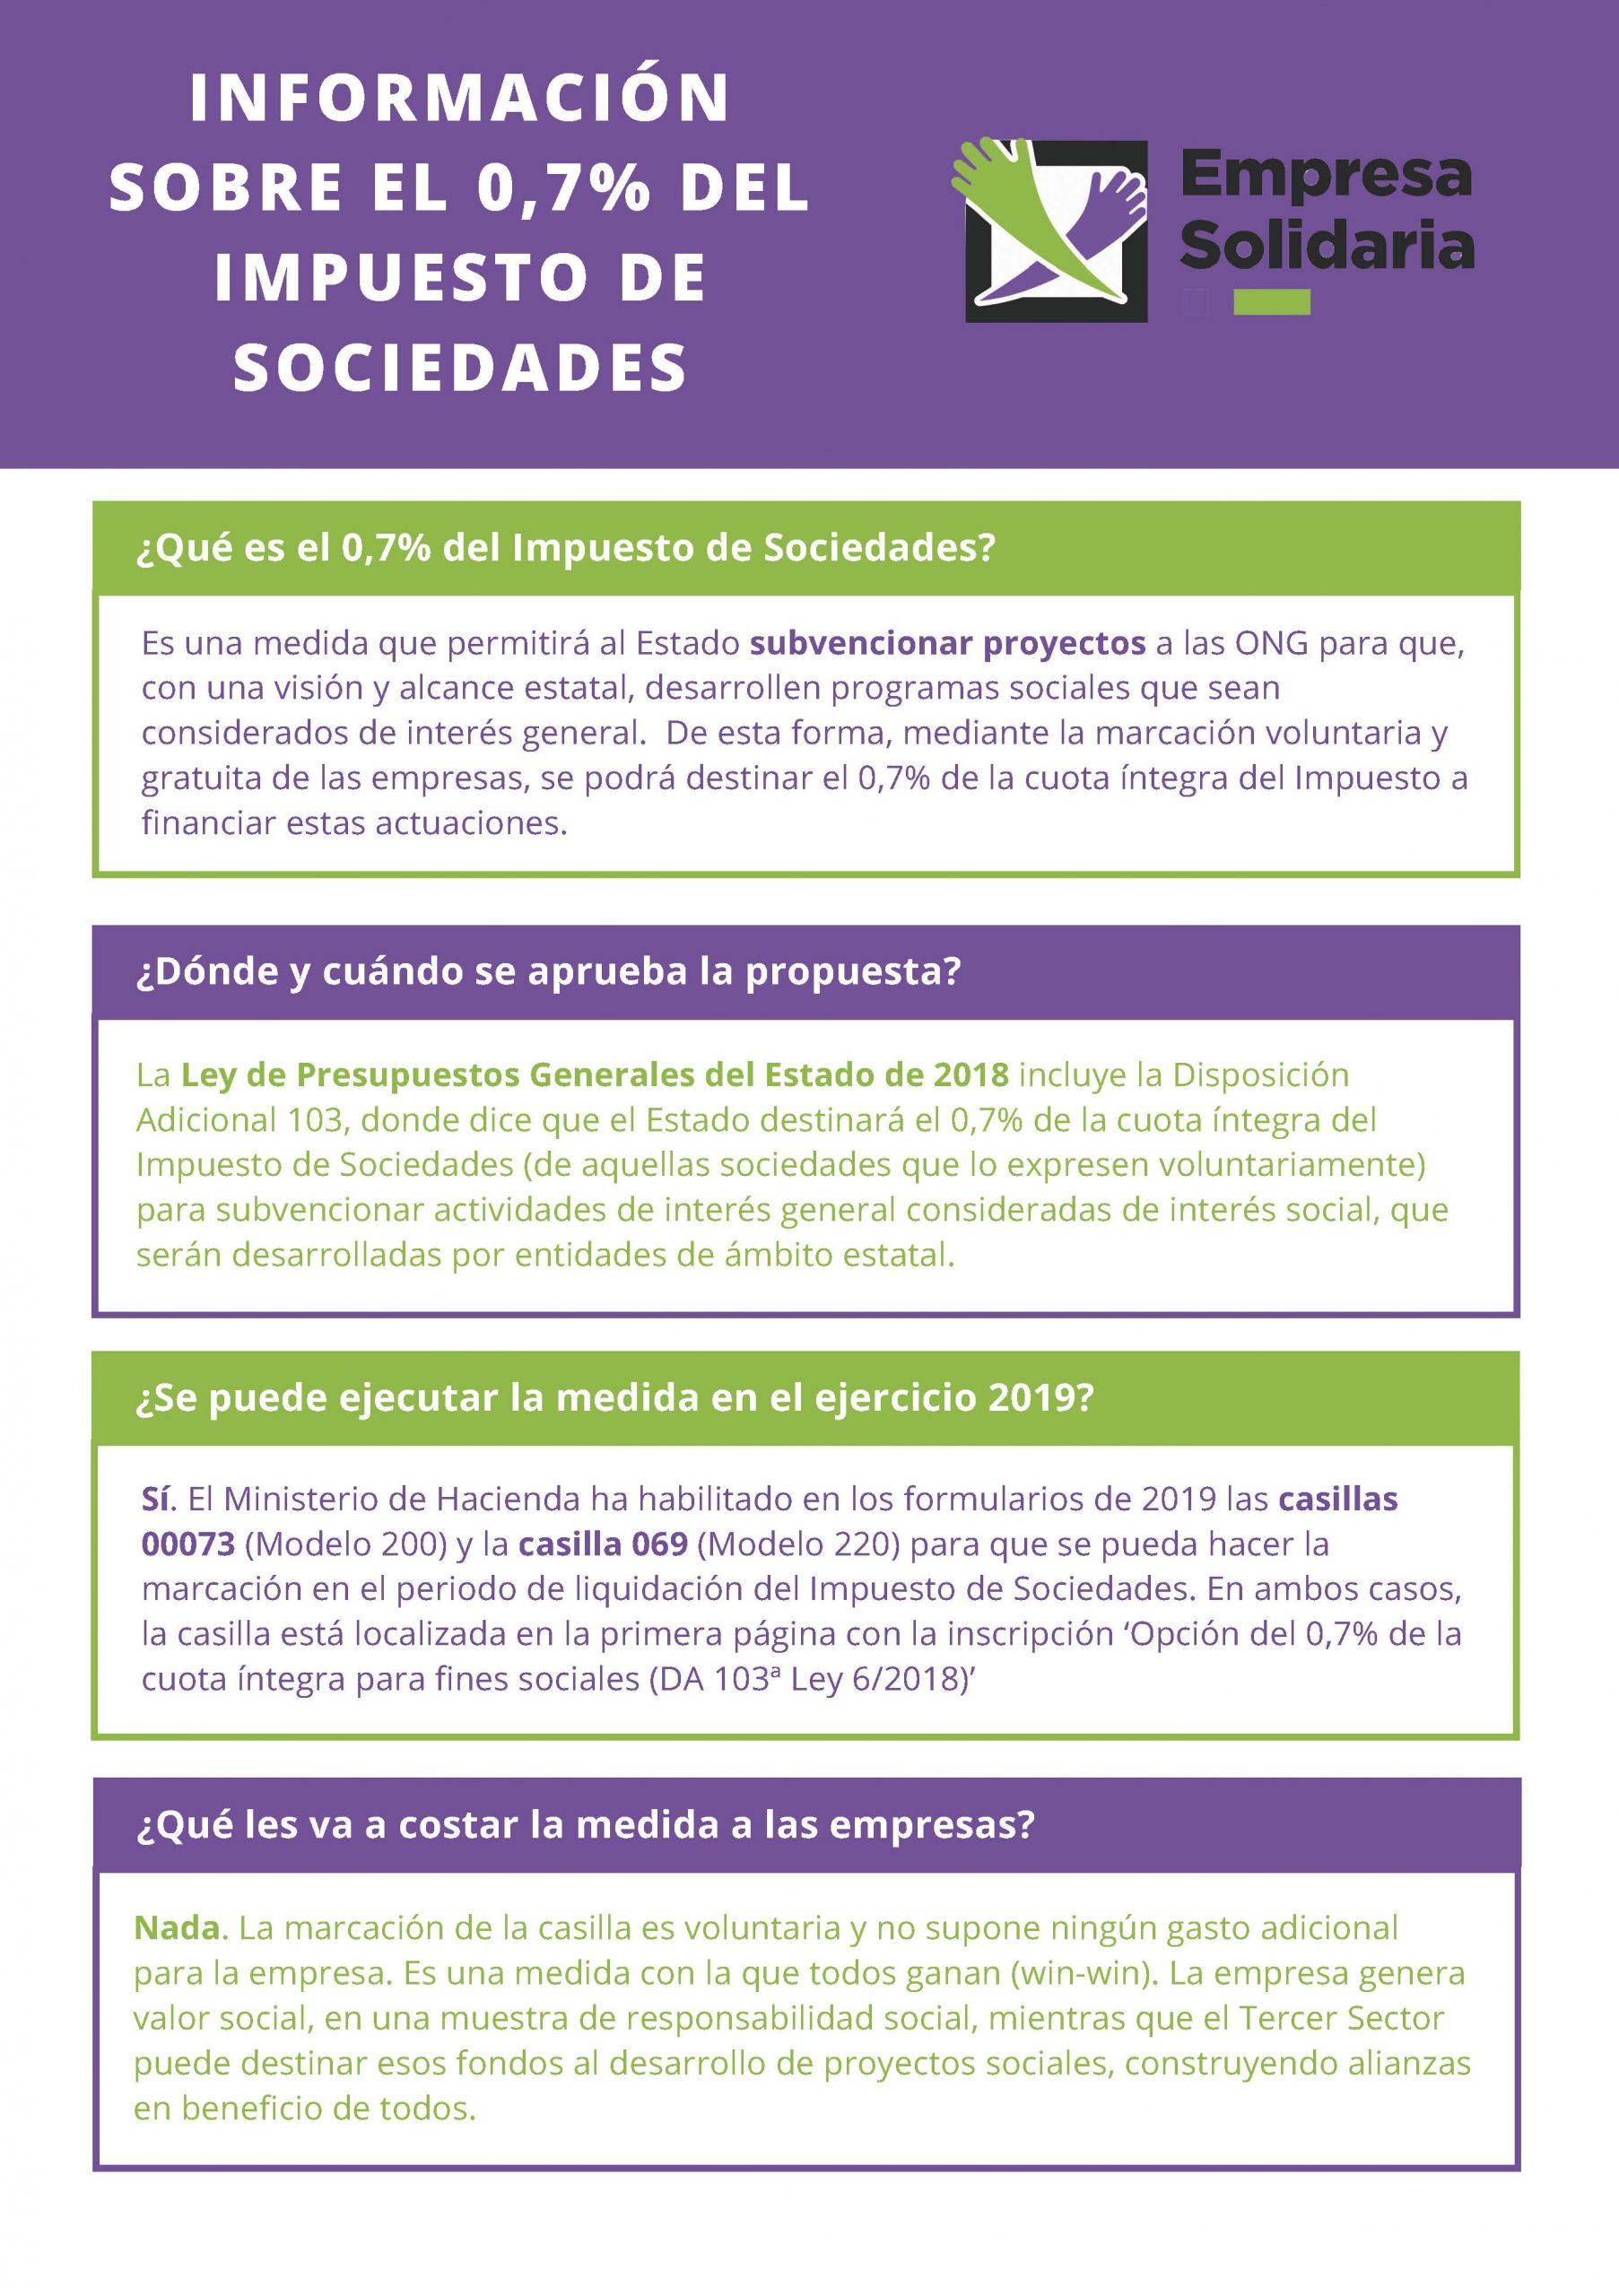 informacio_n sobre el 0,7del impuesto de sociedades_pagina_1.jpg